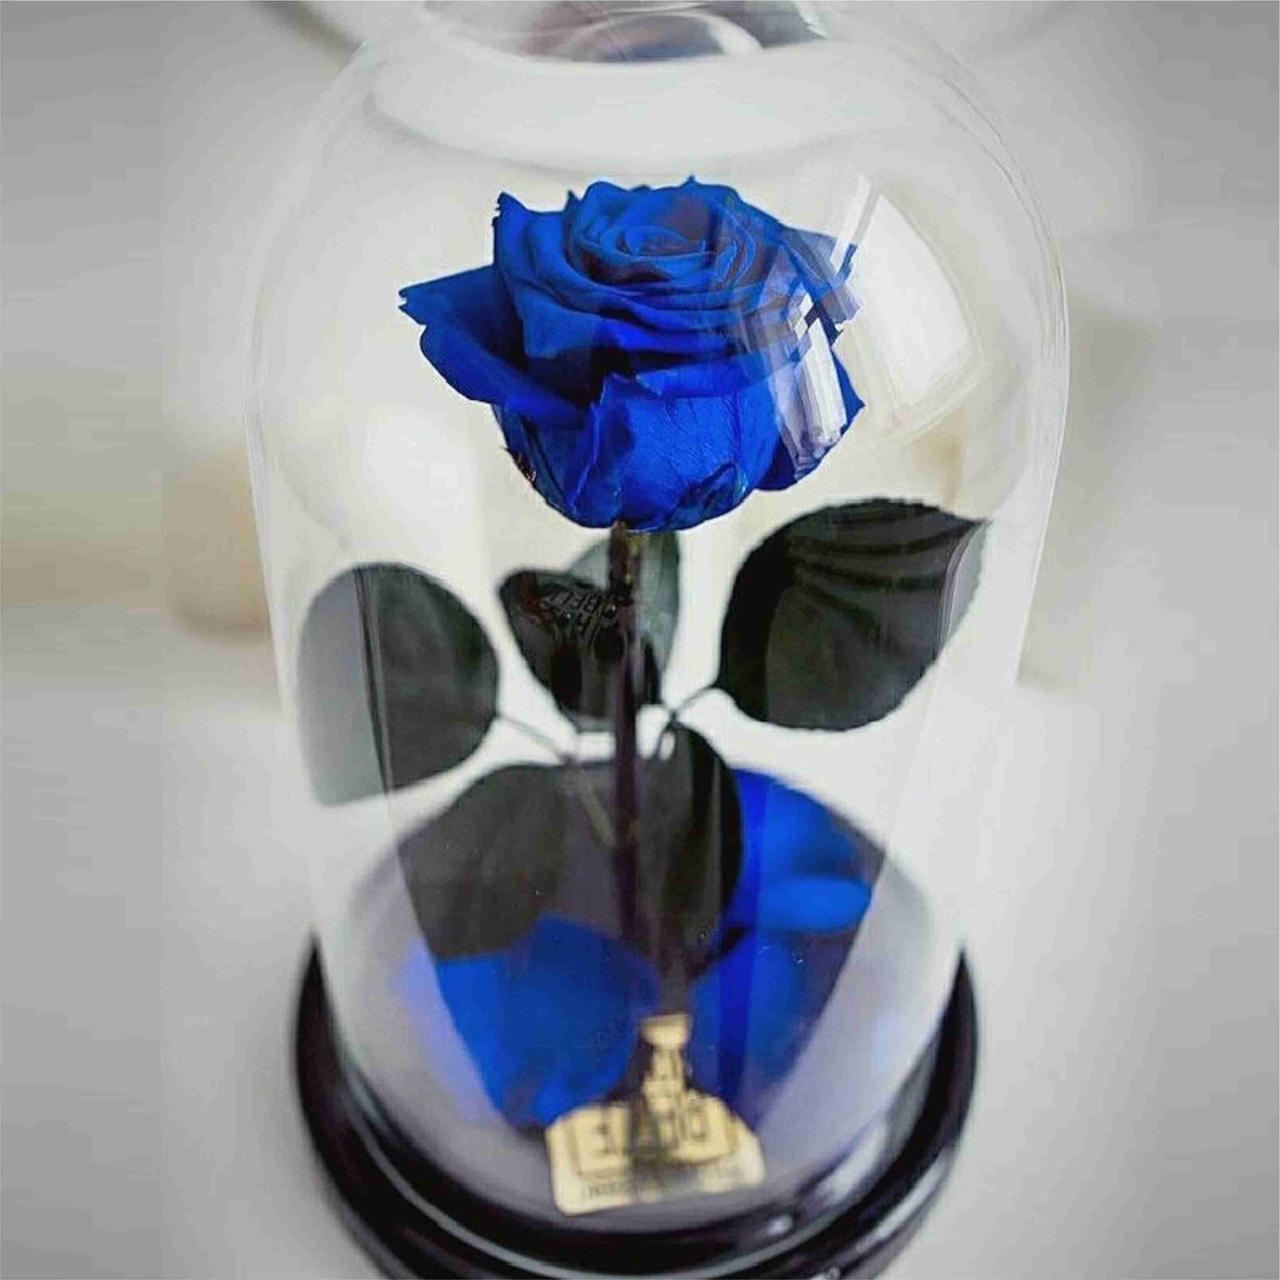 Роза в колбе с LED маленькая синяя Роза-ночник в колбе Роза с подсветкой Роза в колбе с LED